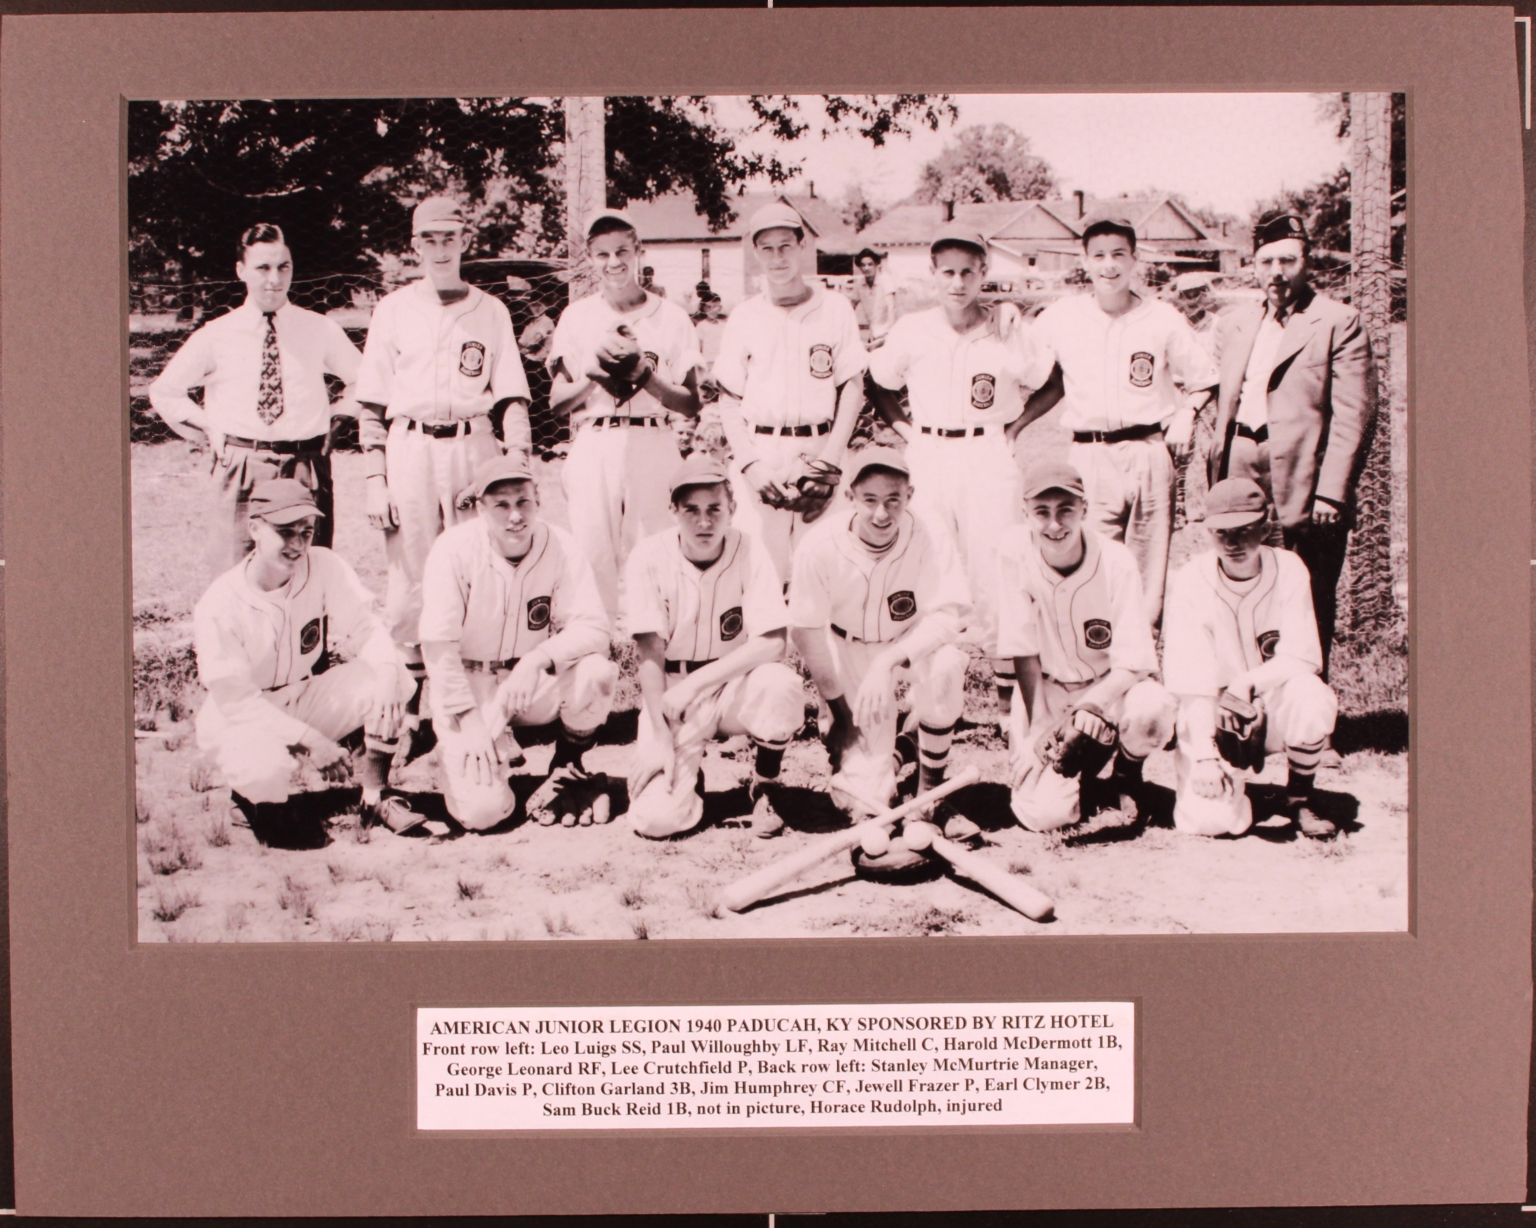 American Junior Legion 1940